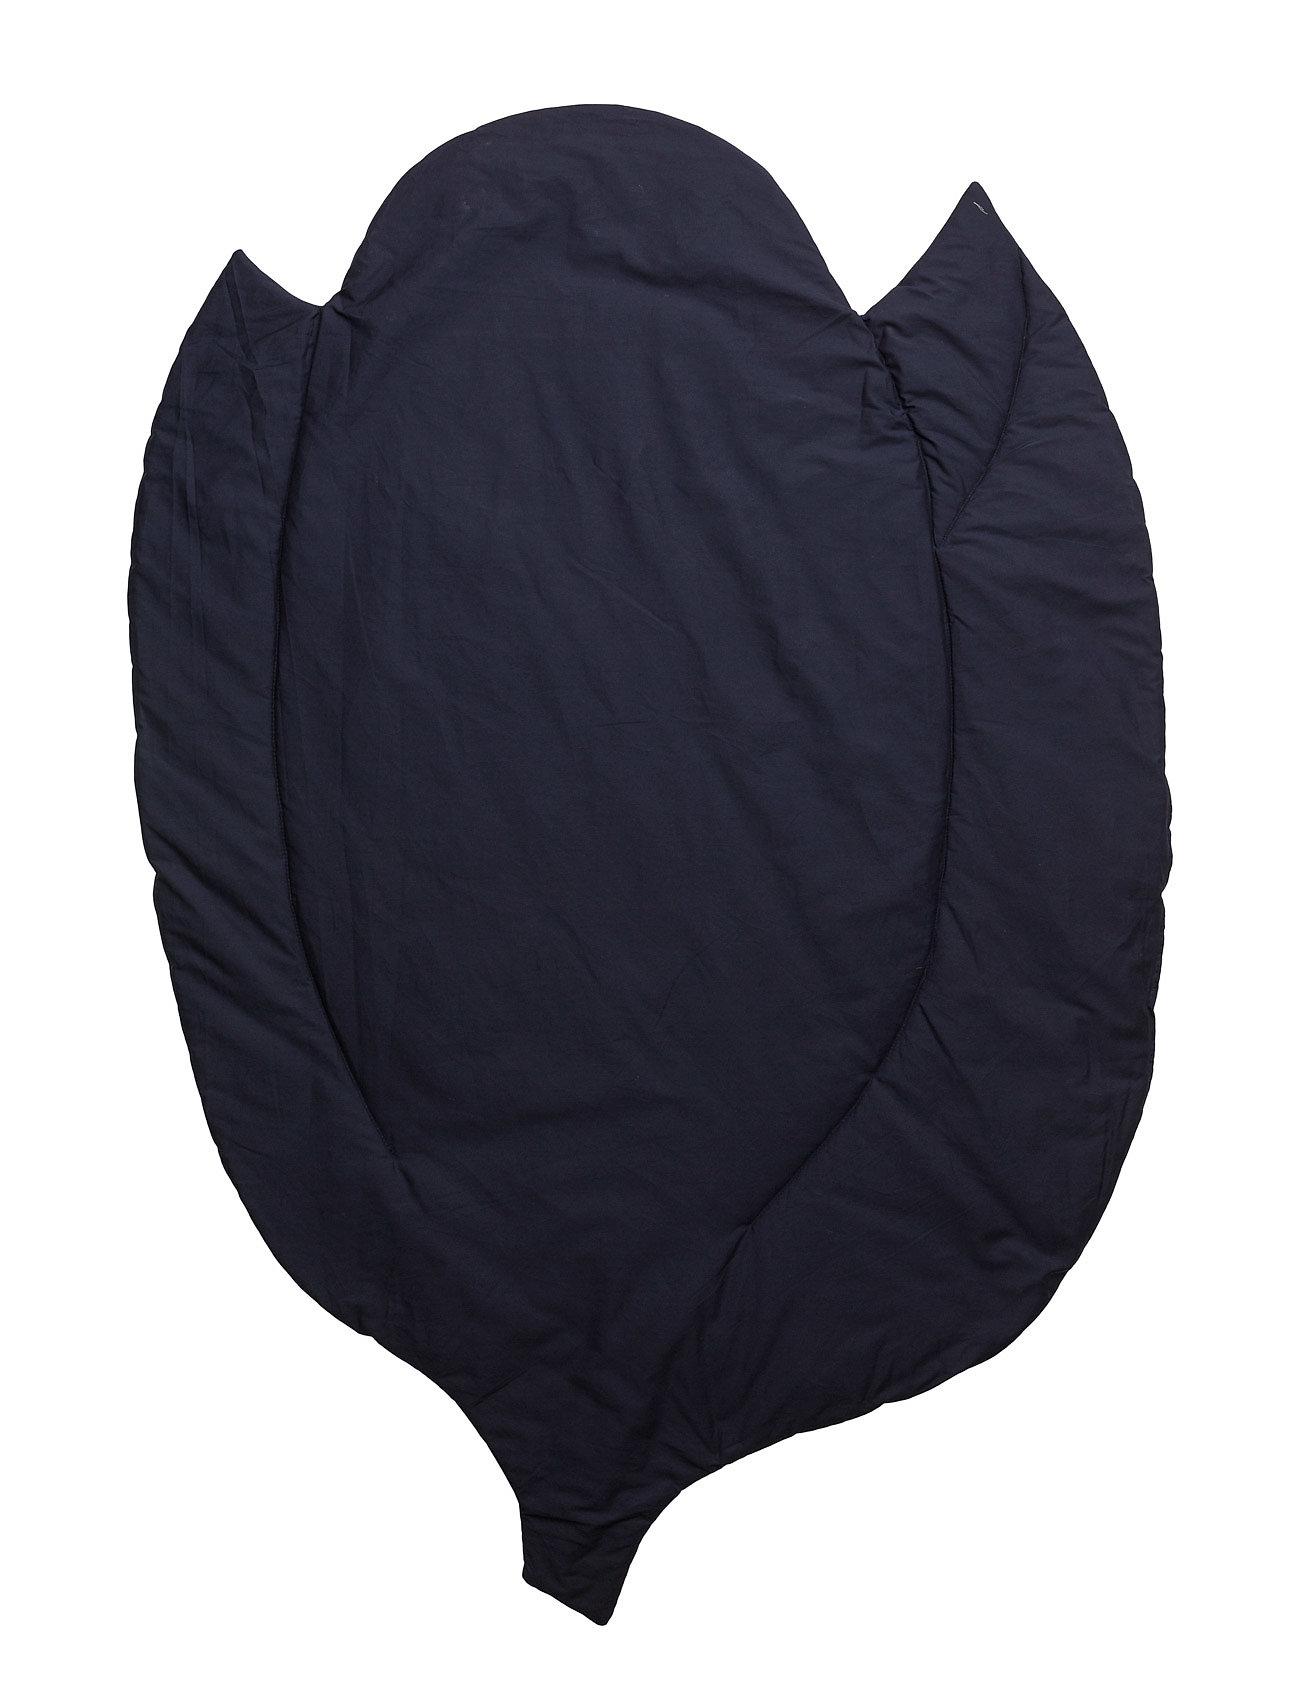 Tulip Blanket Müsli by Green Cotton Accessories til Børn i